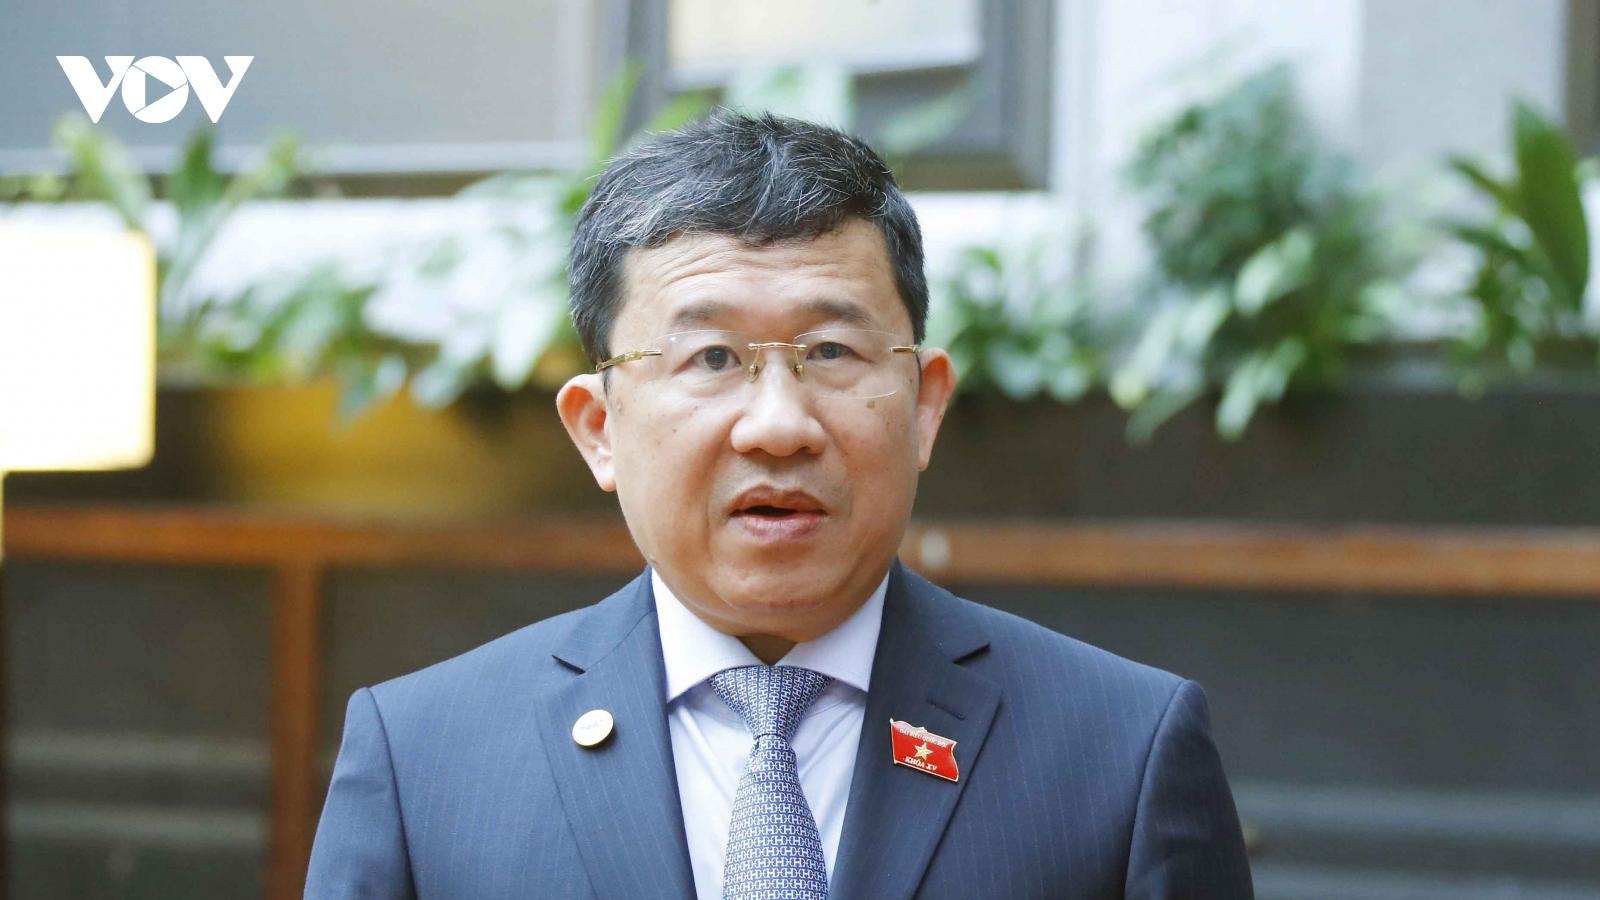 Quốc hội các nước ủng hộ cung cấp, chuyển giao công nghệ vaccine cho Việt Nam